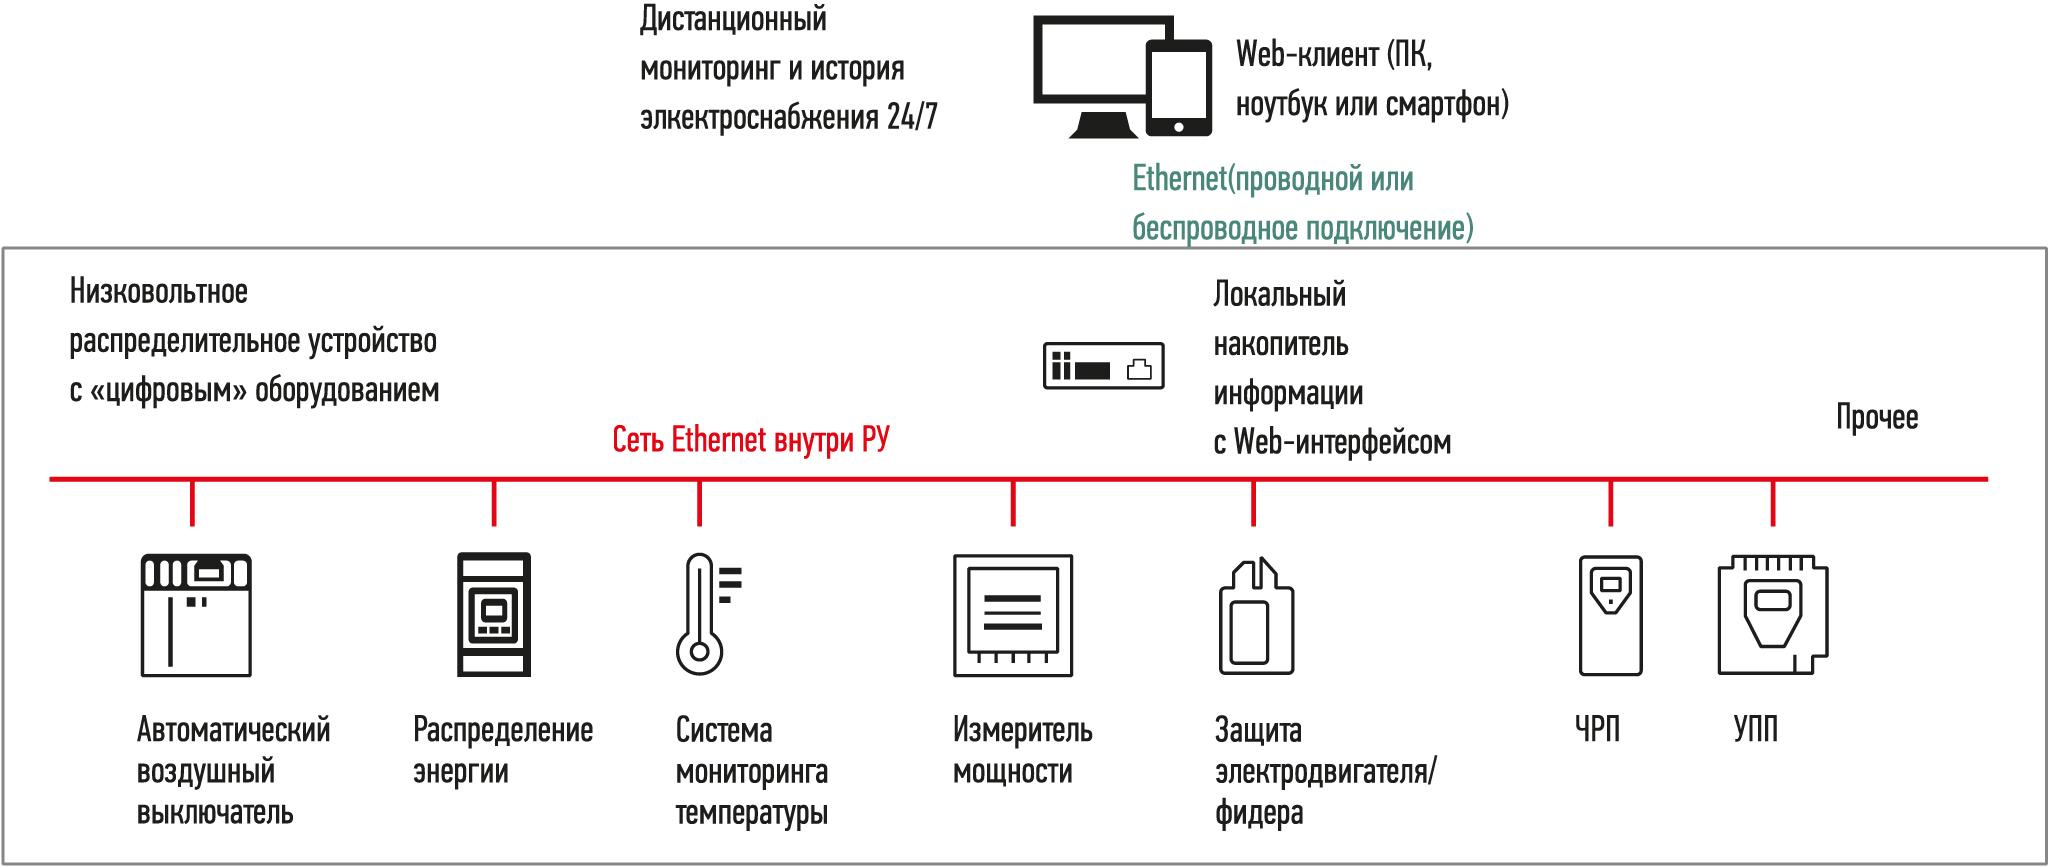 Цифровое распределительное устройство с возможностью вывода данных об электроснабжении на веб-интерфейс